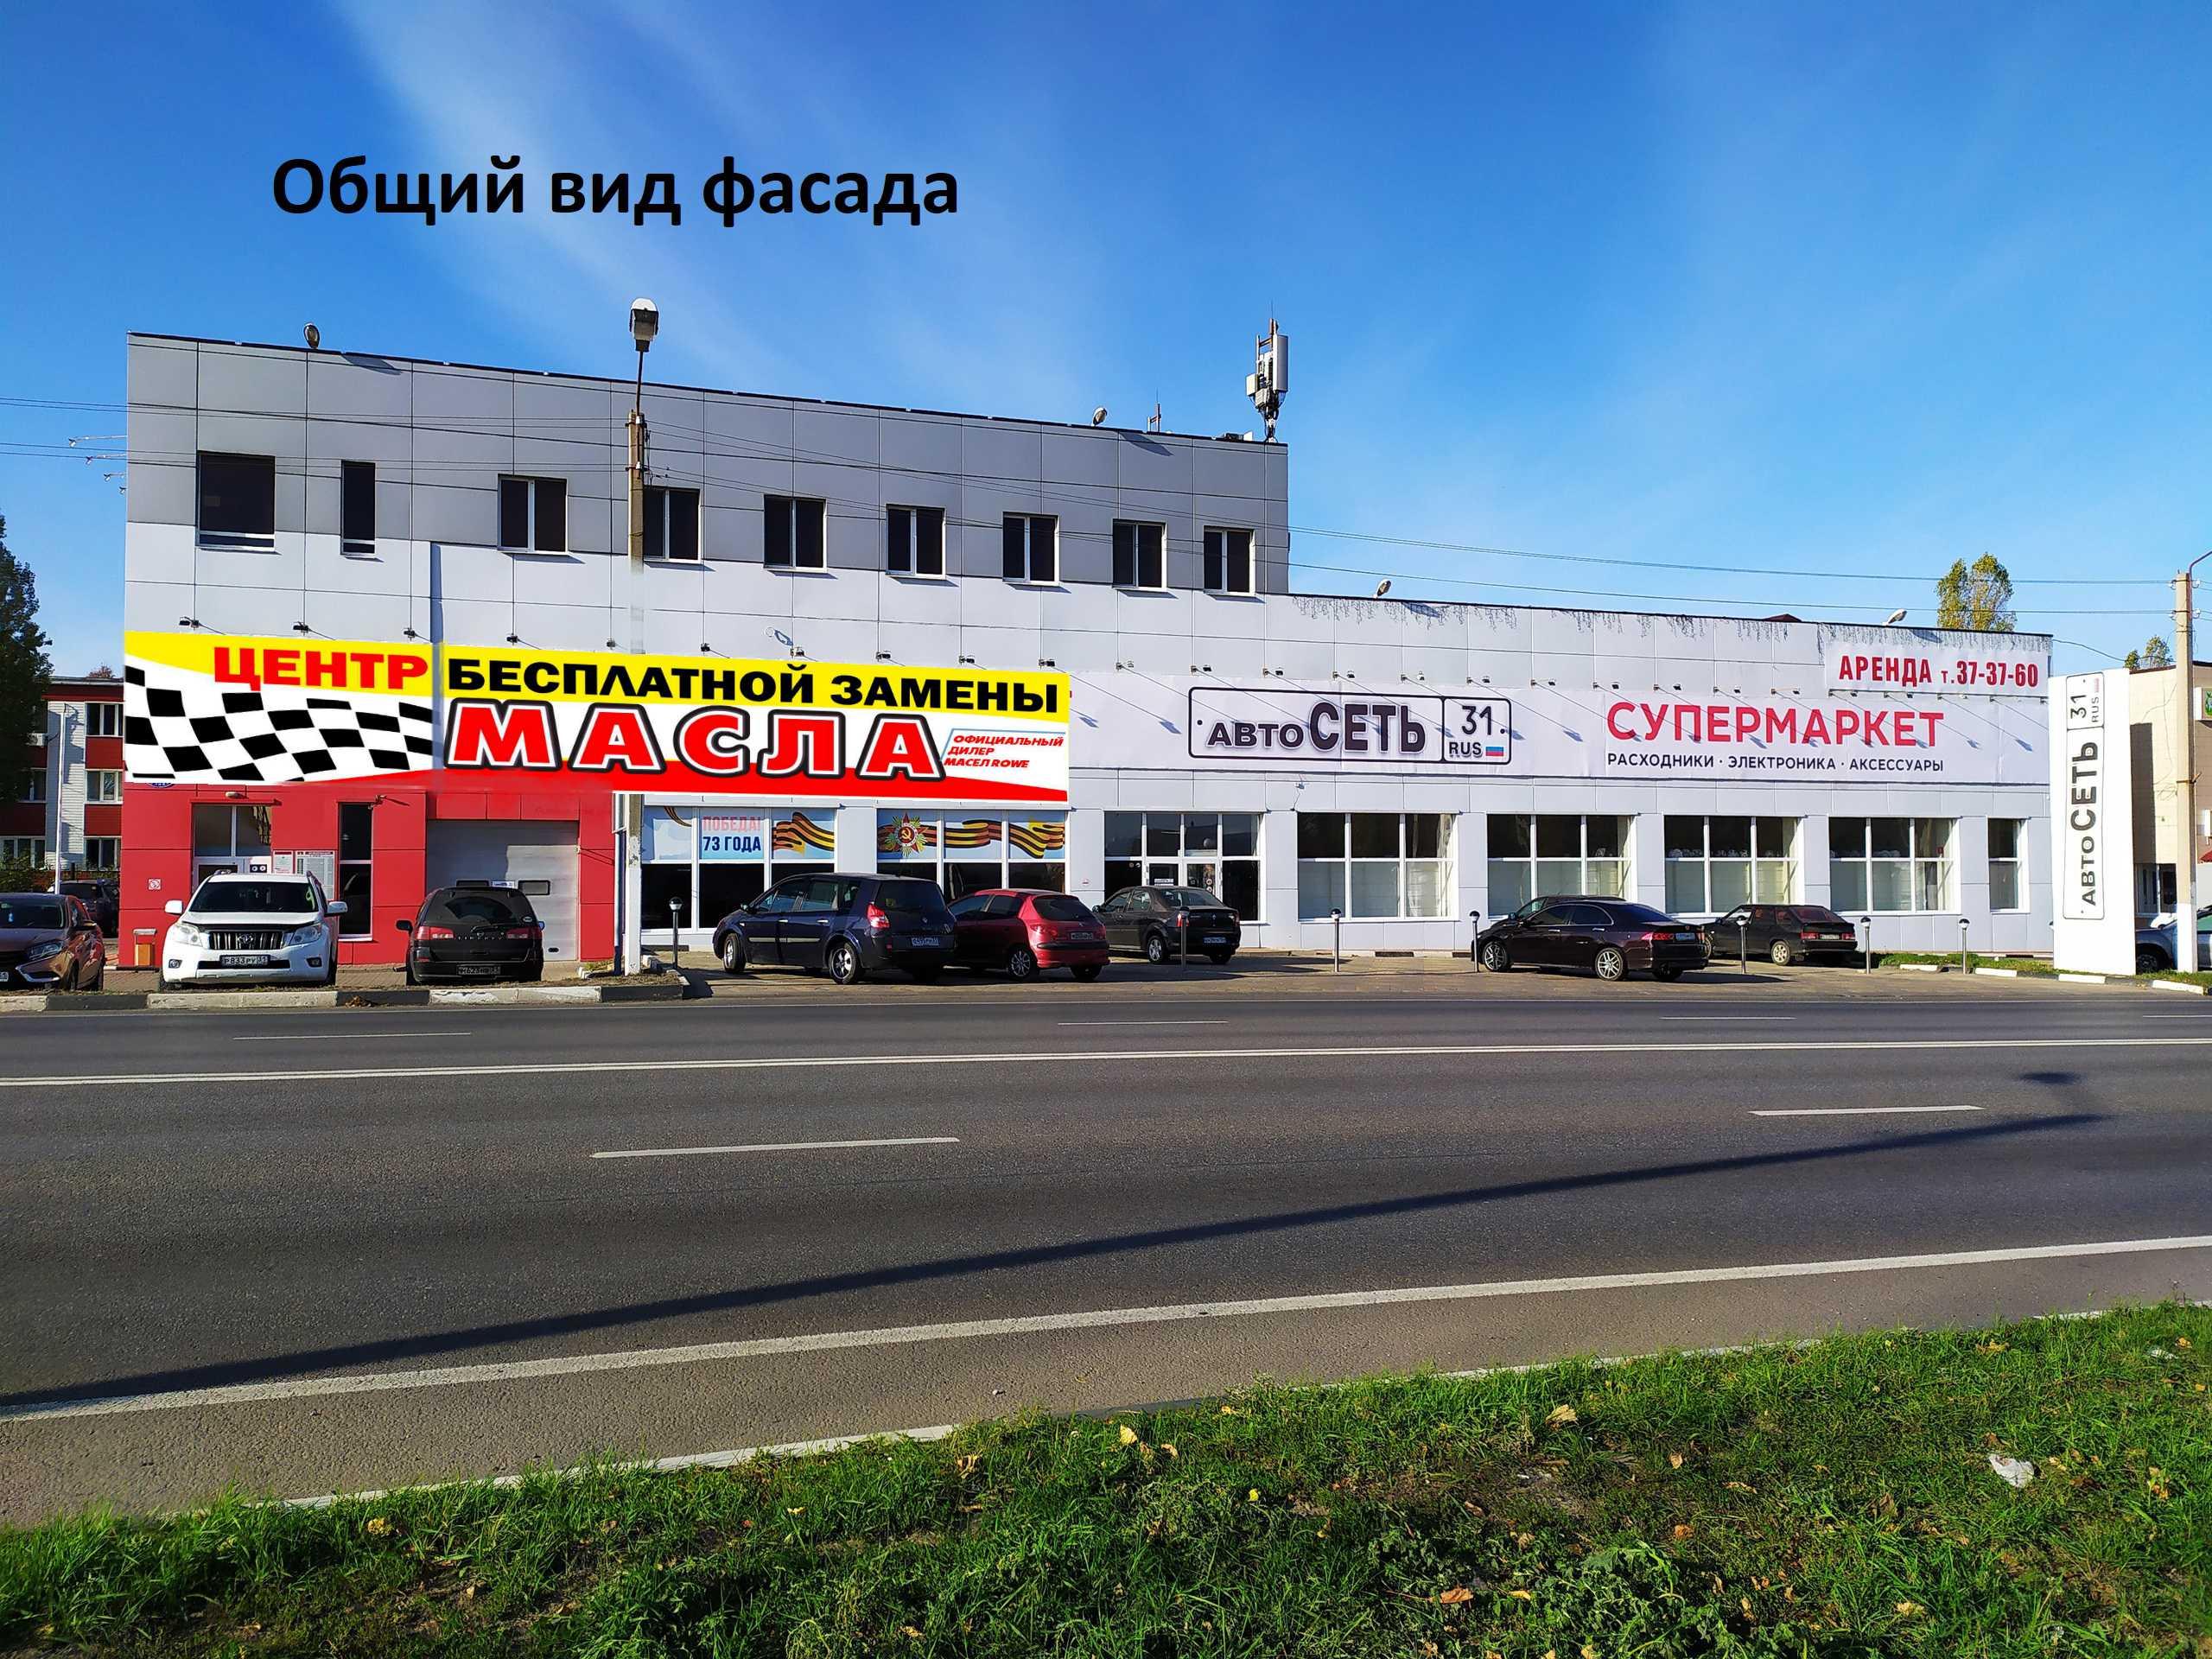 Оформление фасада автосервиса фото f_7915e4132361b4ec.jpg